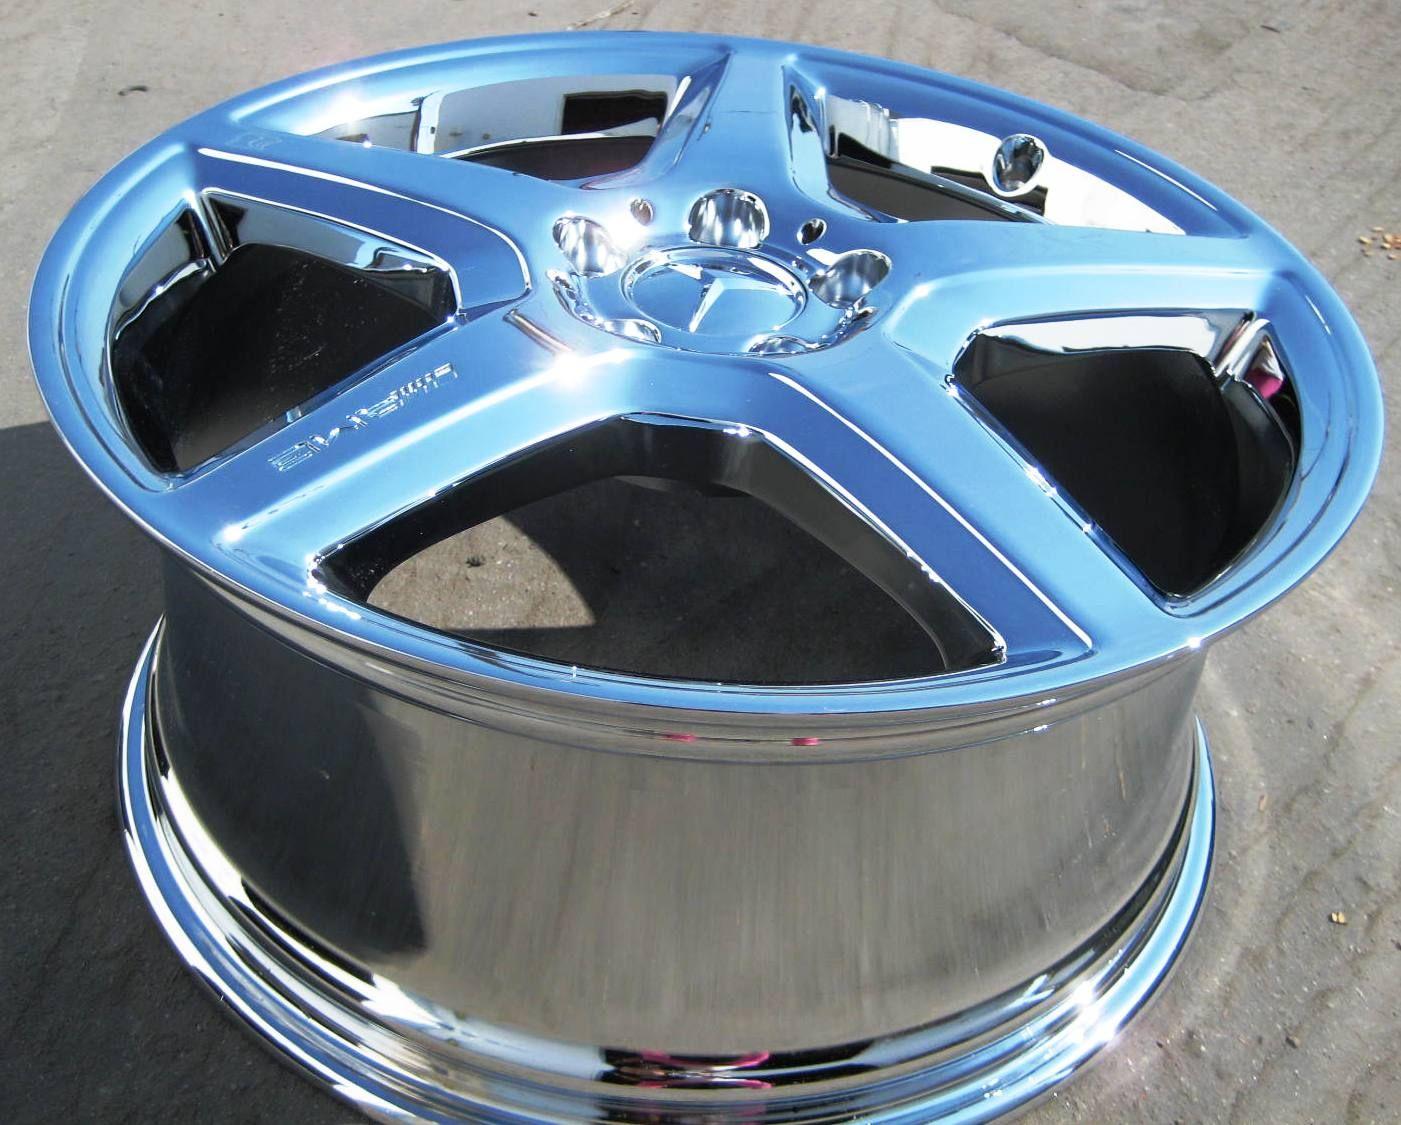 19 New Factory Mercedes R500 ML550 ML55 AMG Chrome Wheels Rims